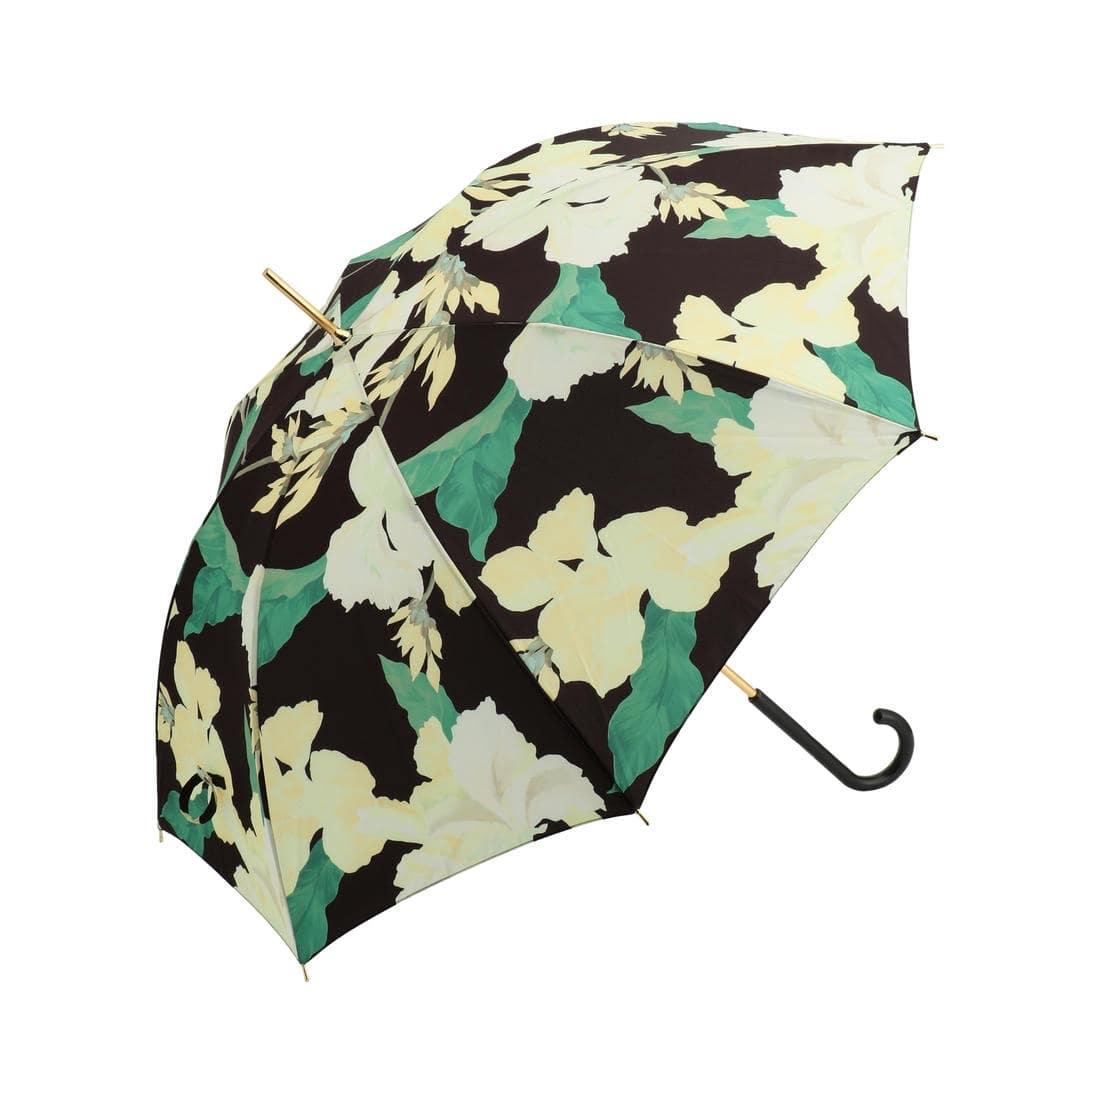 パッションフラワー 雨晴兼用長傘 JEPAF-181139